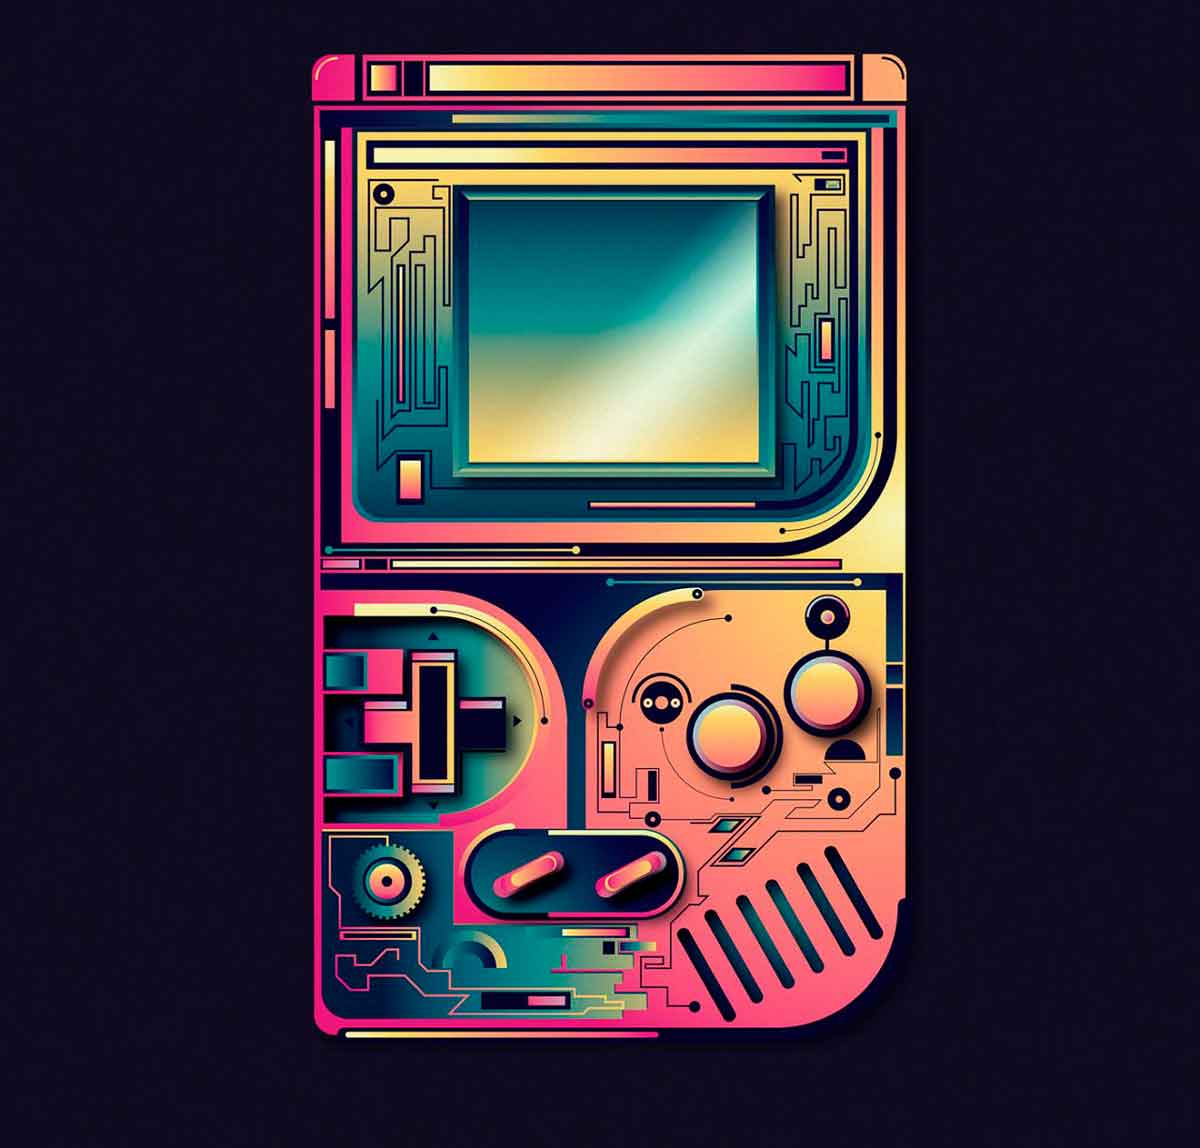 Game Boy, la consola que revolucionó el mundo de los videojuegos